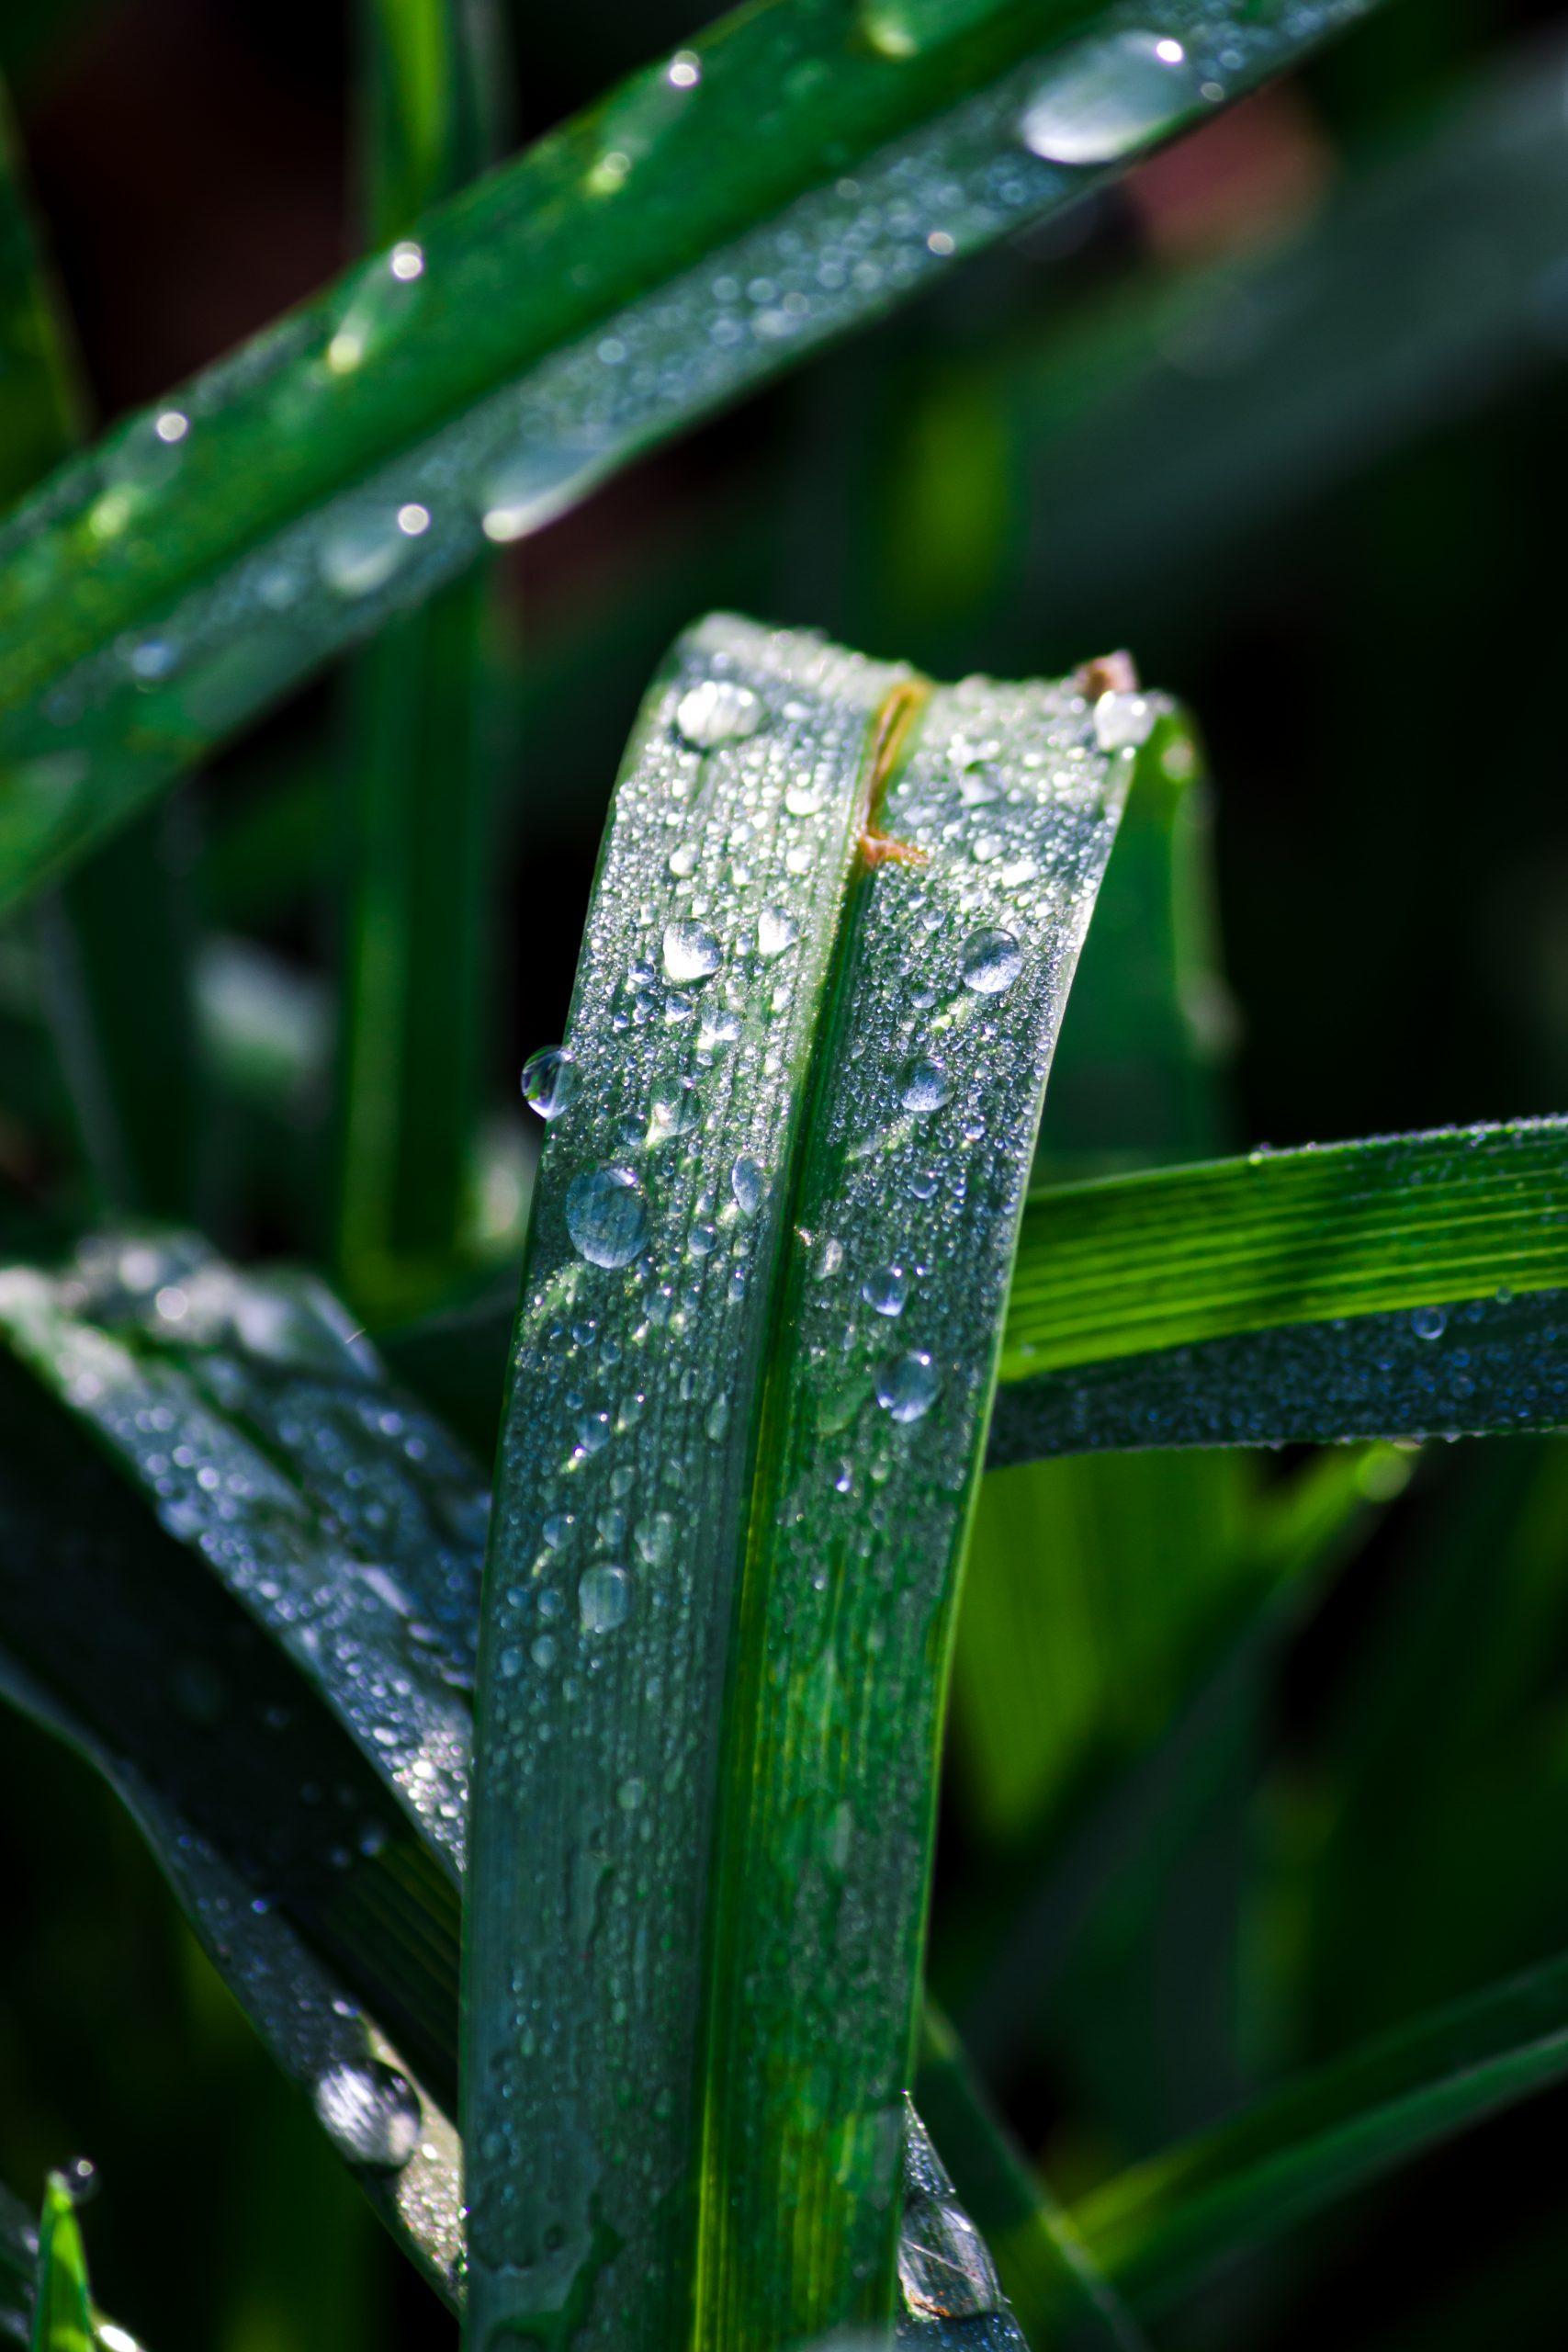 Dewdrops on green leaf